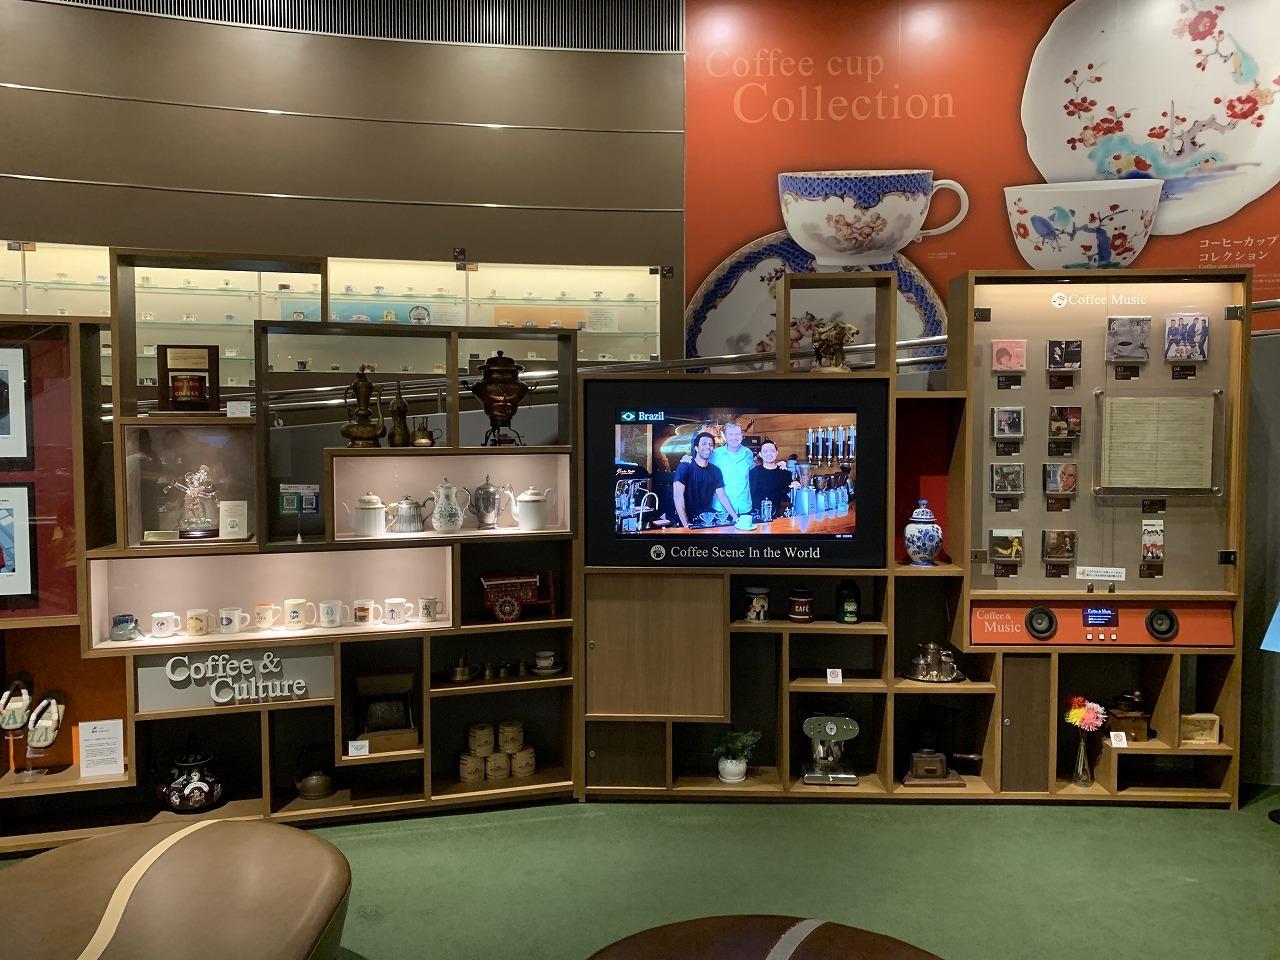 UCCコーヒー博物館_e0037126_23393493.jpg